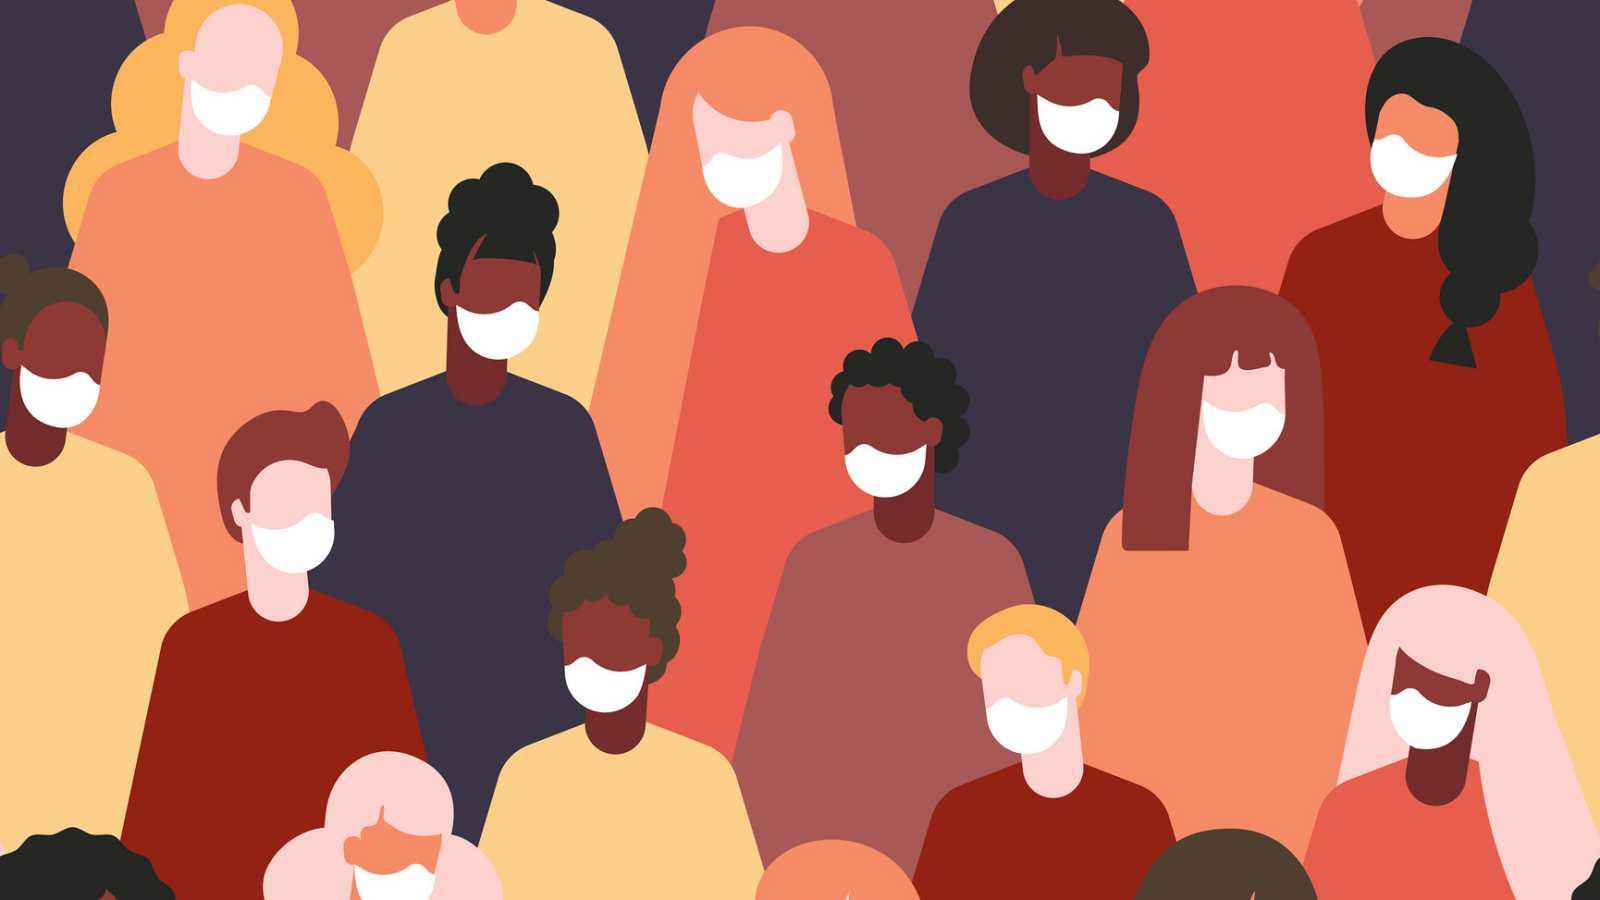 Europa abierta - La COVID congela los avances europeos en igualdad - escuchar ahora